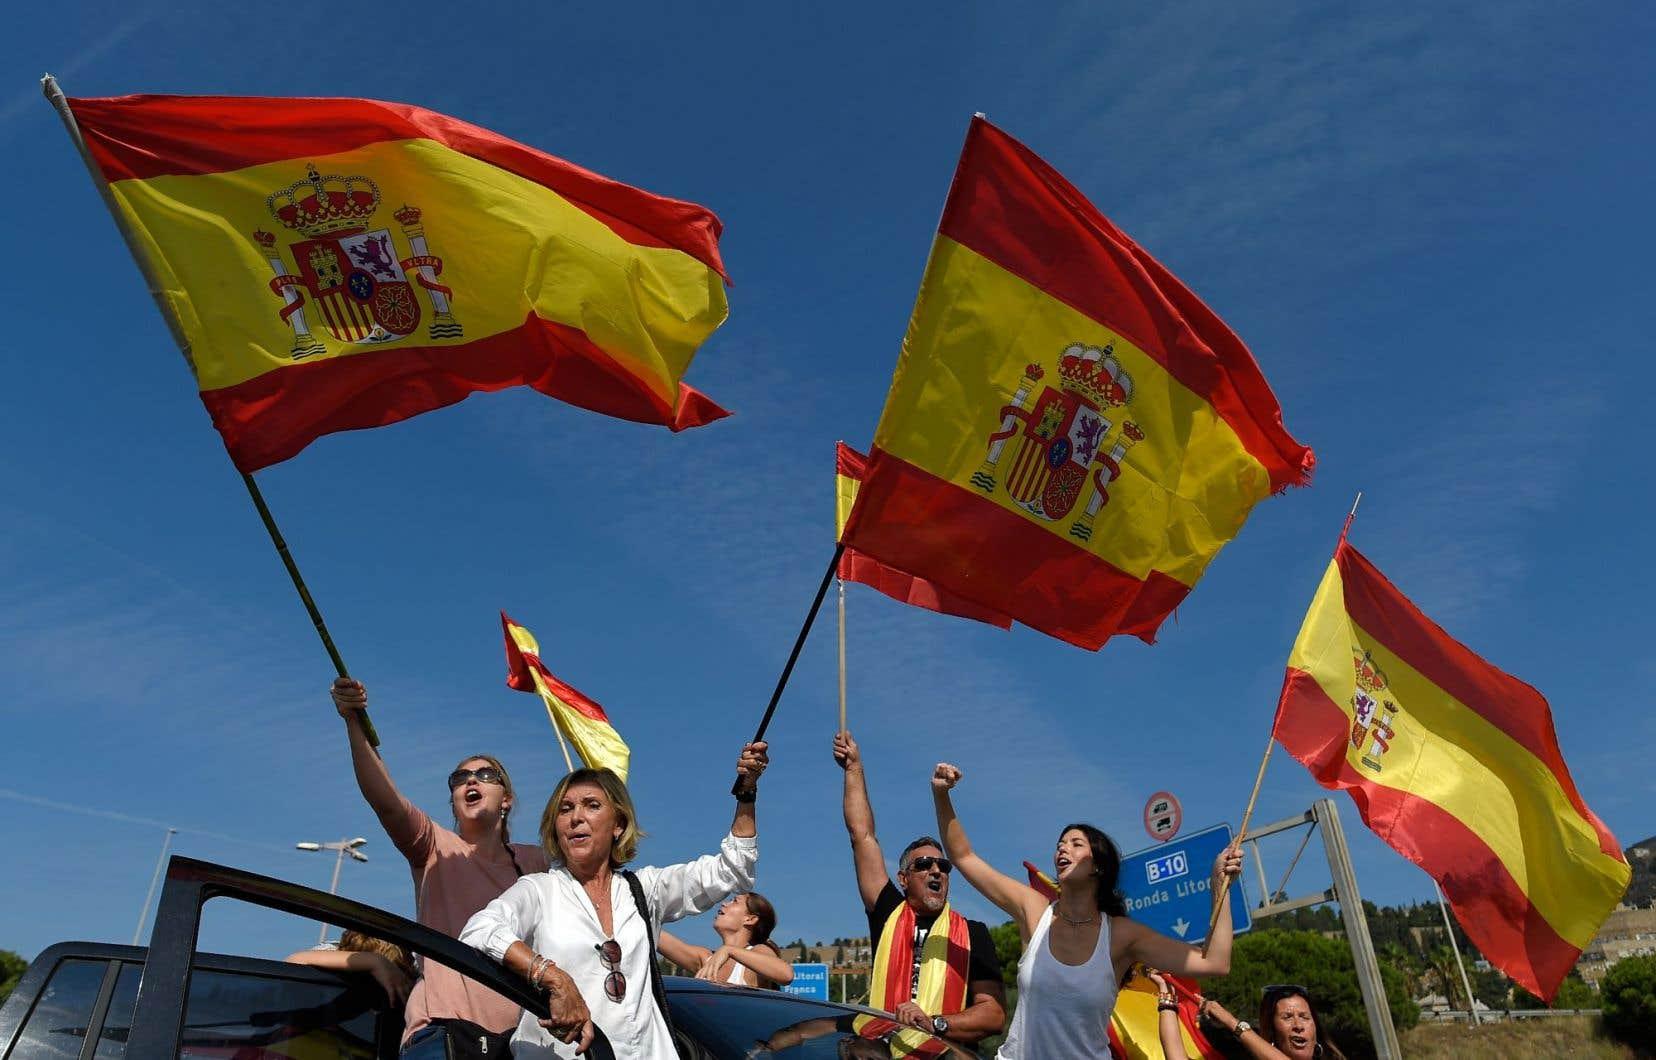 Selon la Garde civile espagnole, ces rassemblements sont «spontanés» et les participants se sont retrouvés grâce au bouche-à-oreille.